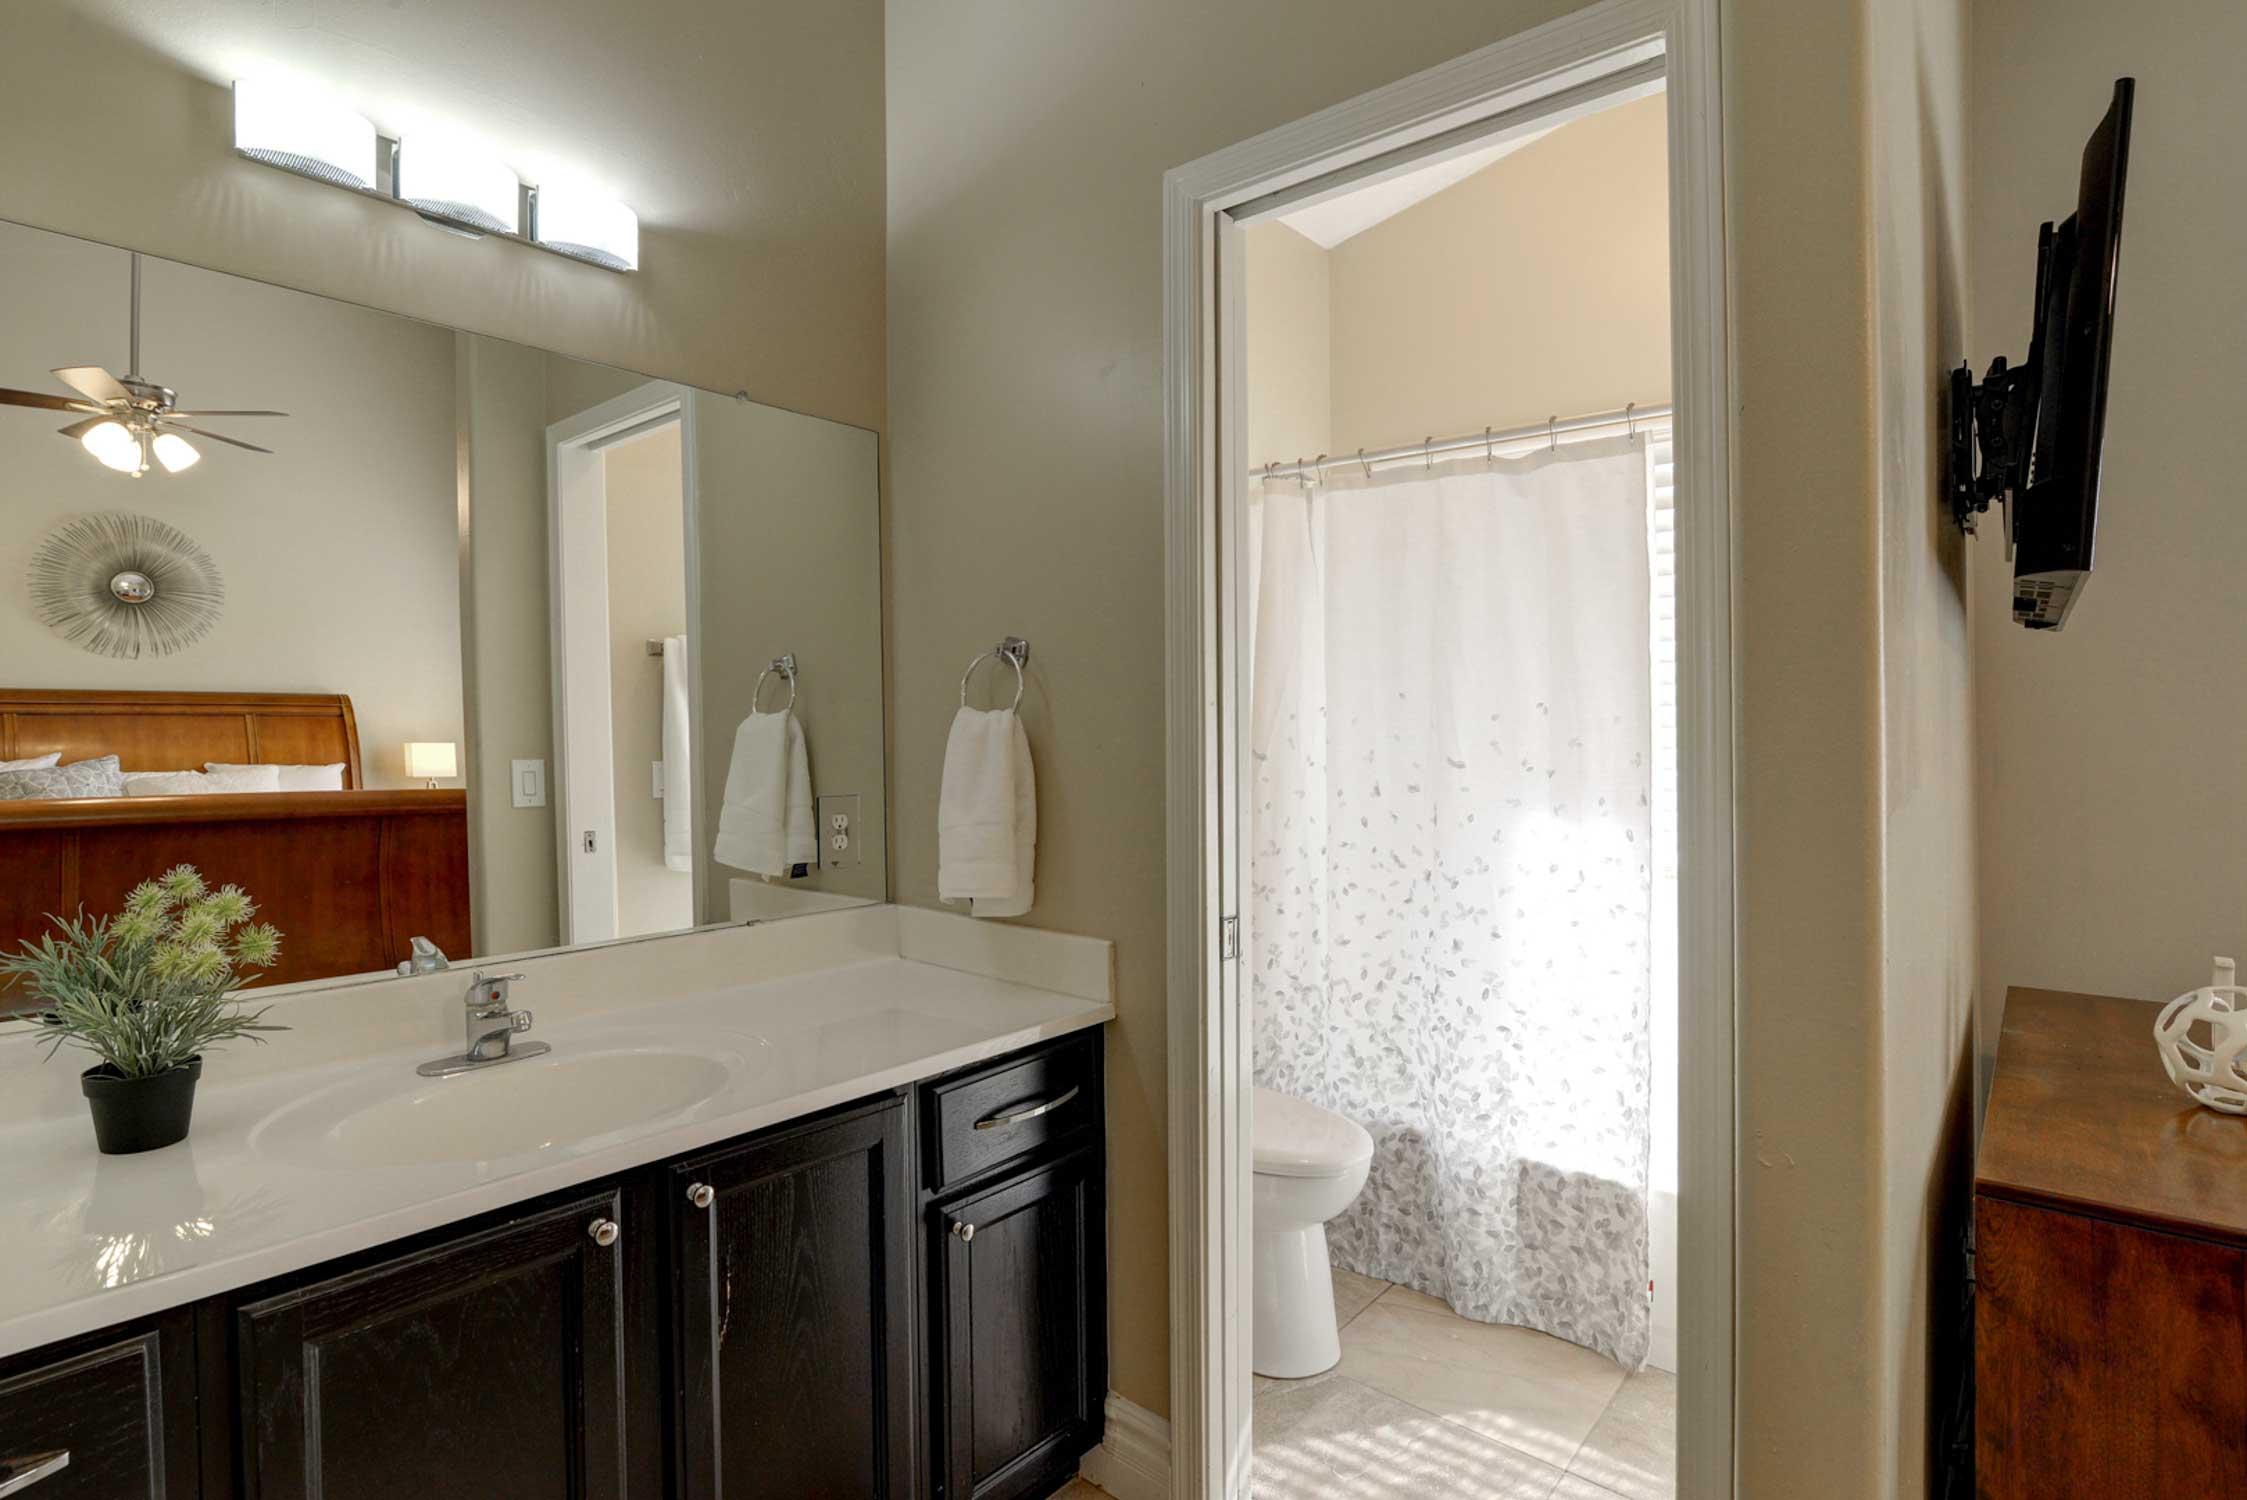 The bedroom opens up to an en-suite bathroom.